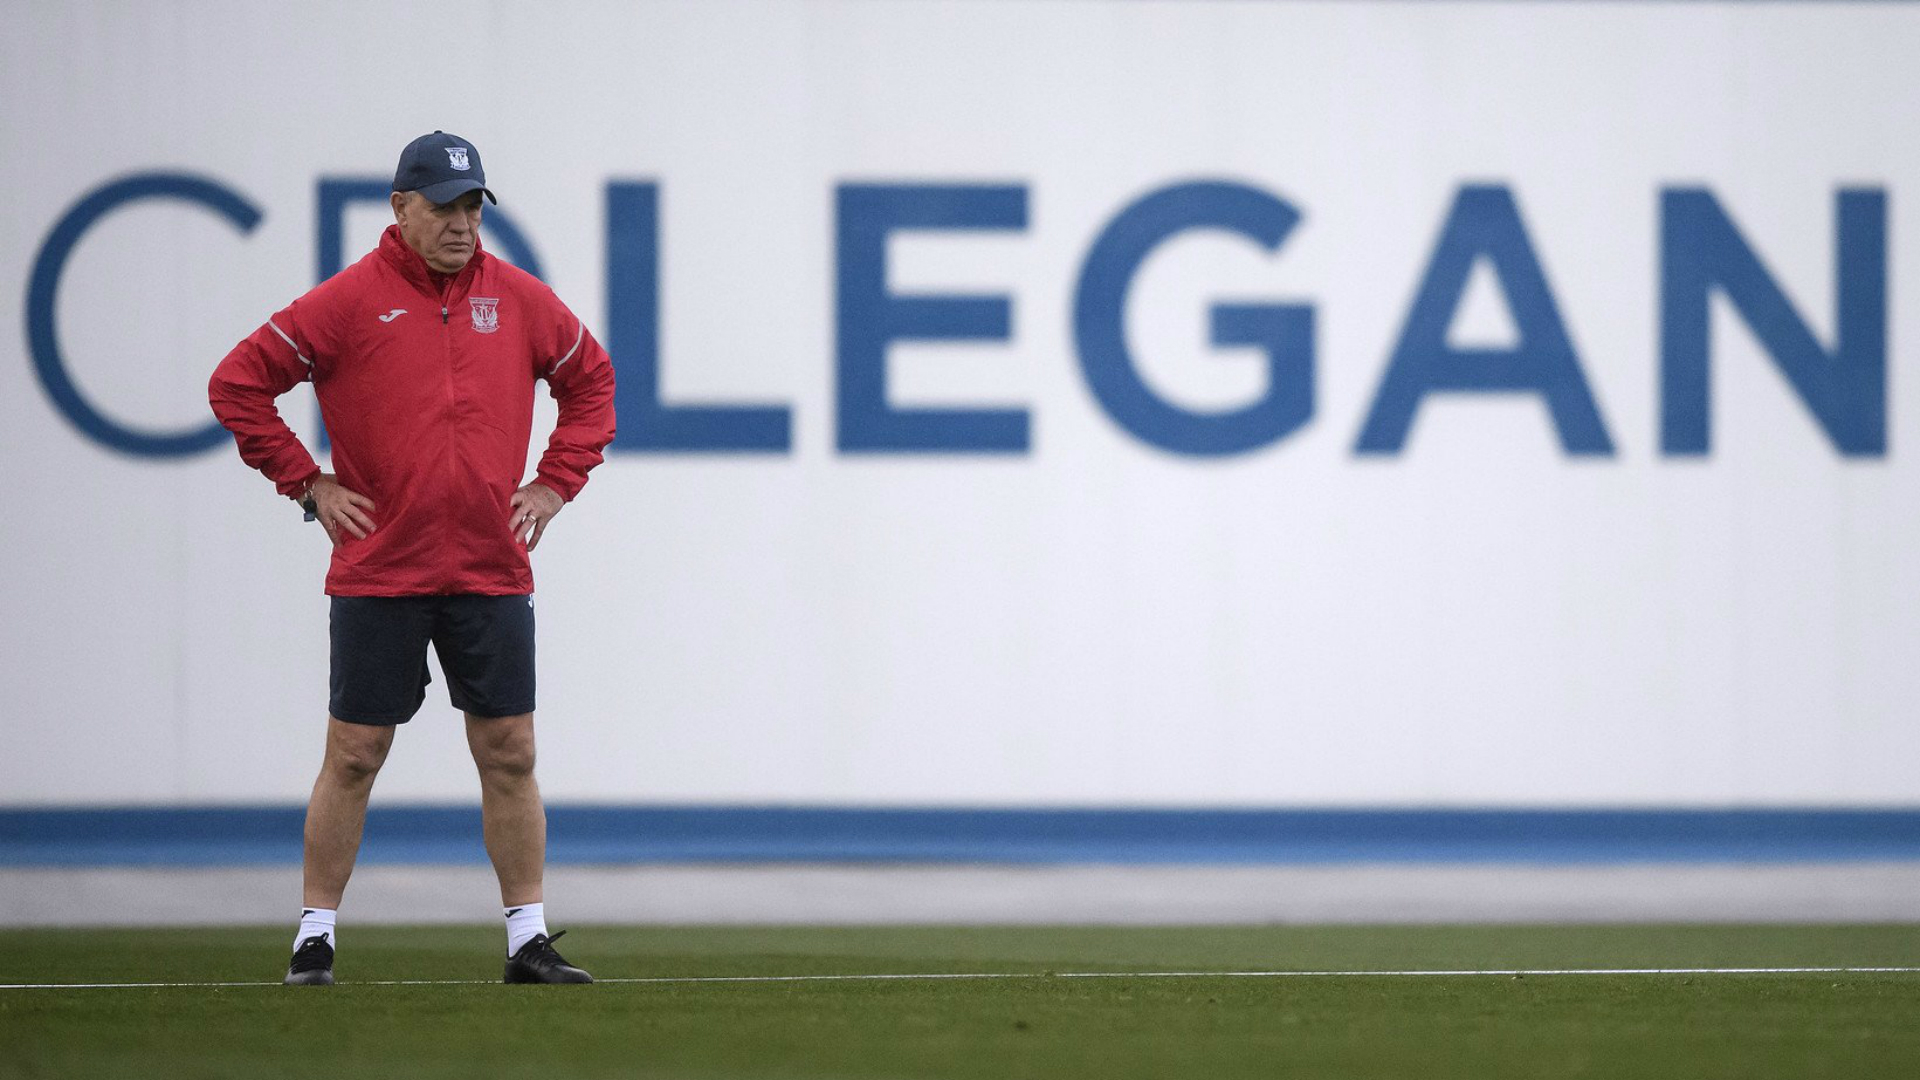 Con qué Leganés se encuentra el Vasco Aguirre? | Goal.com